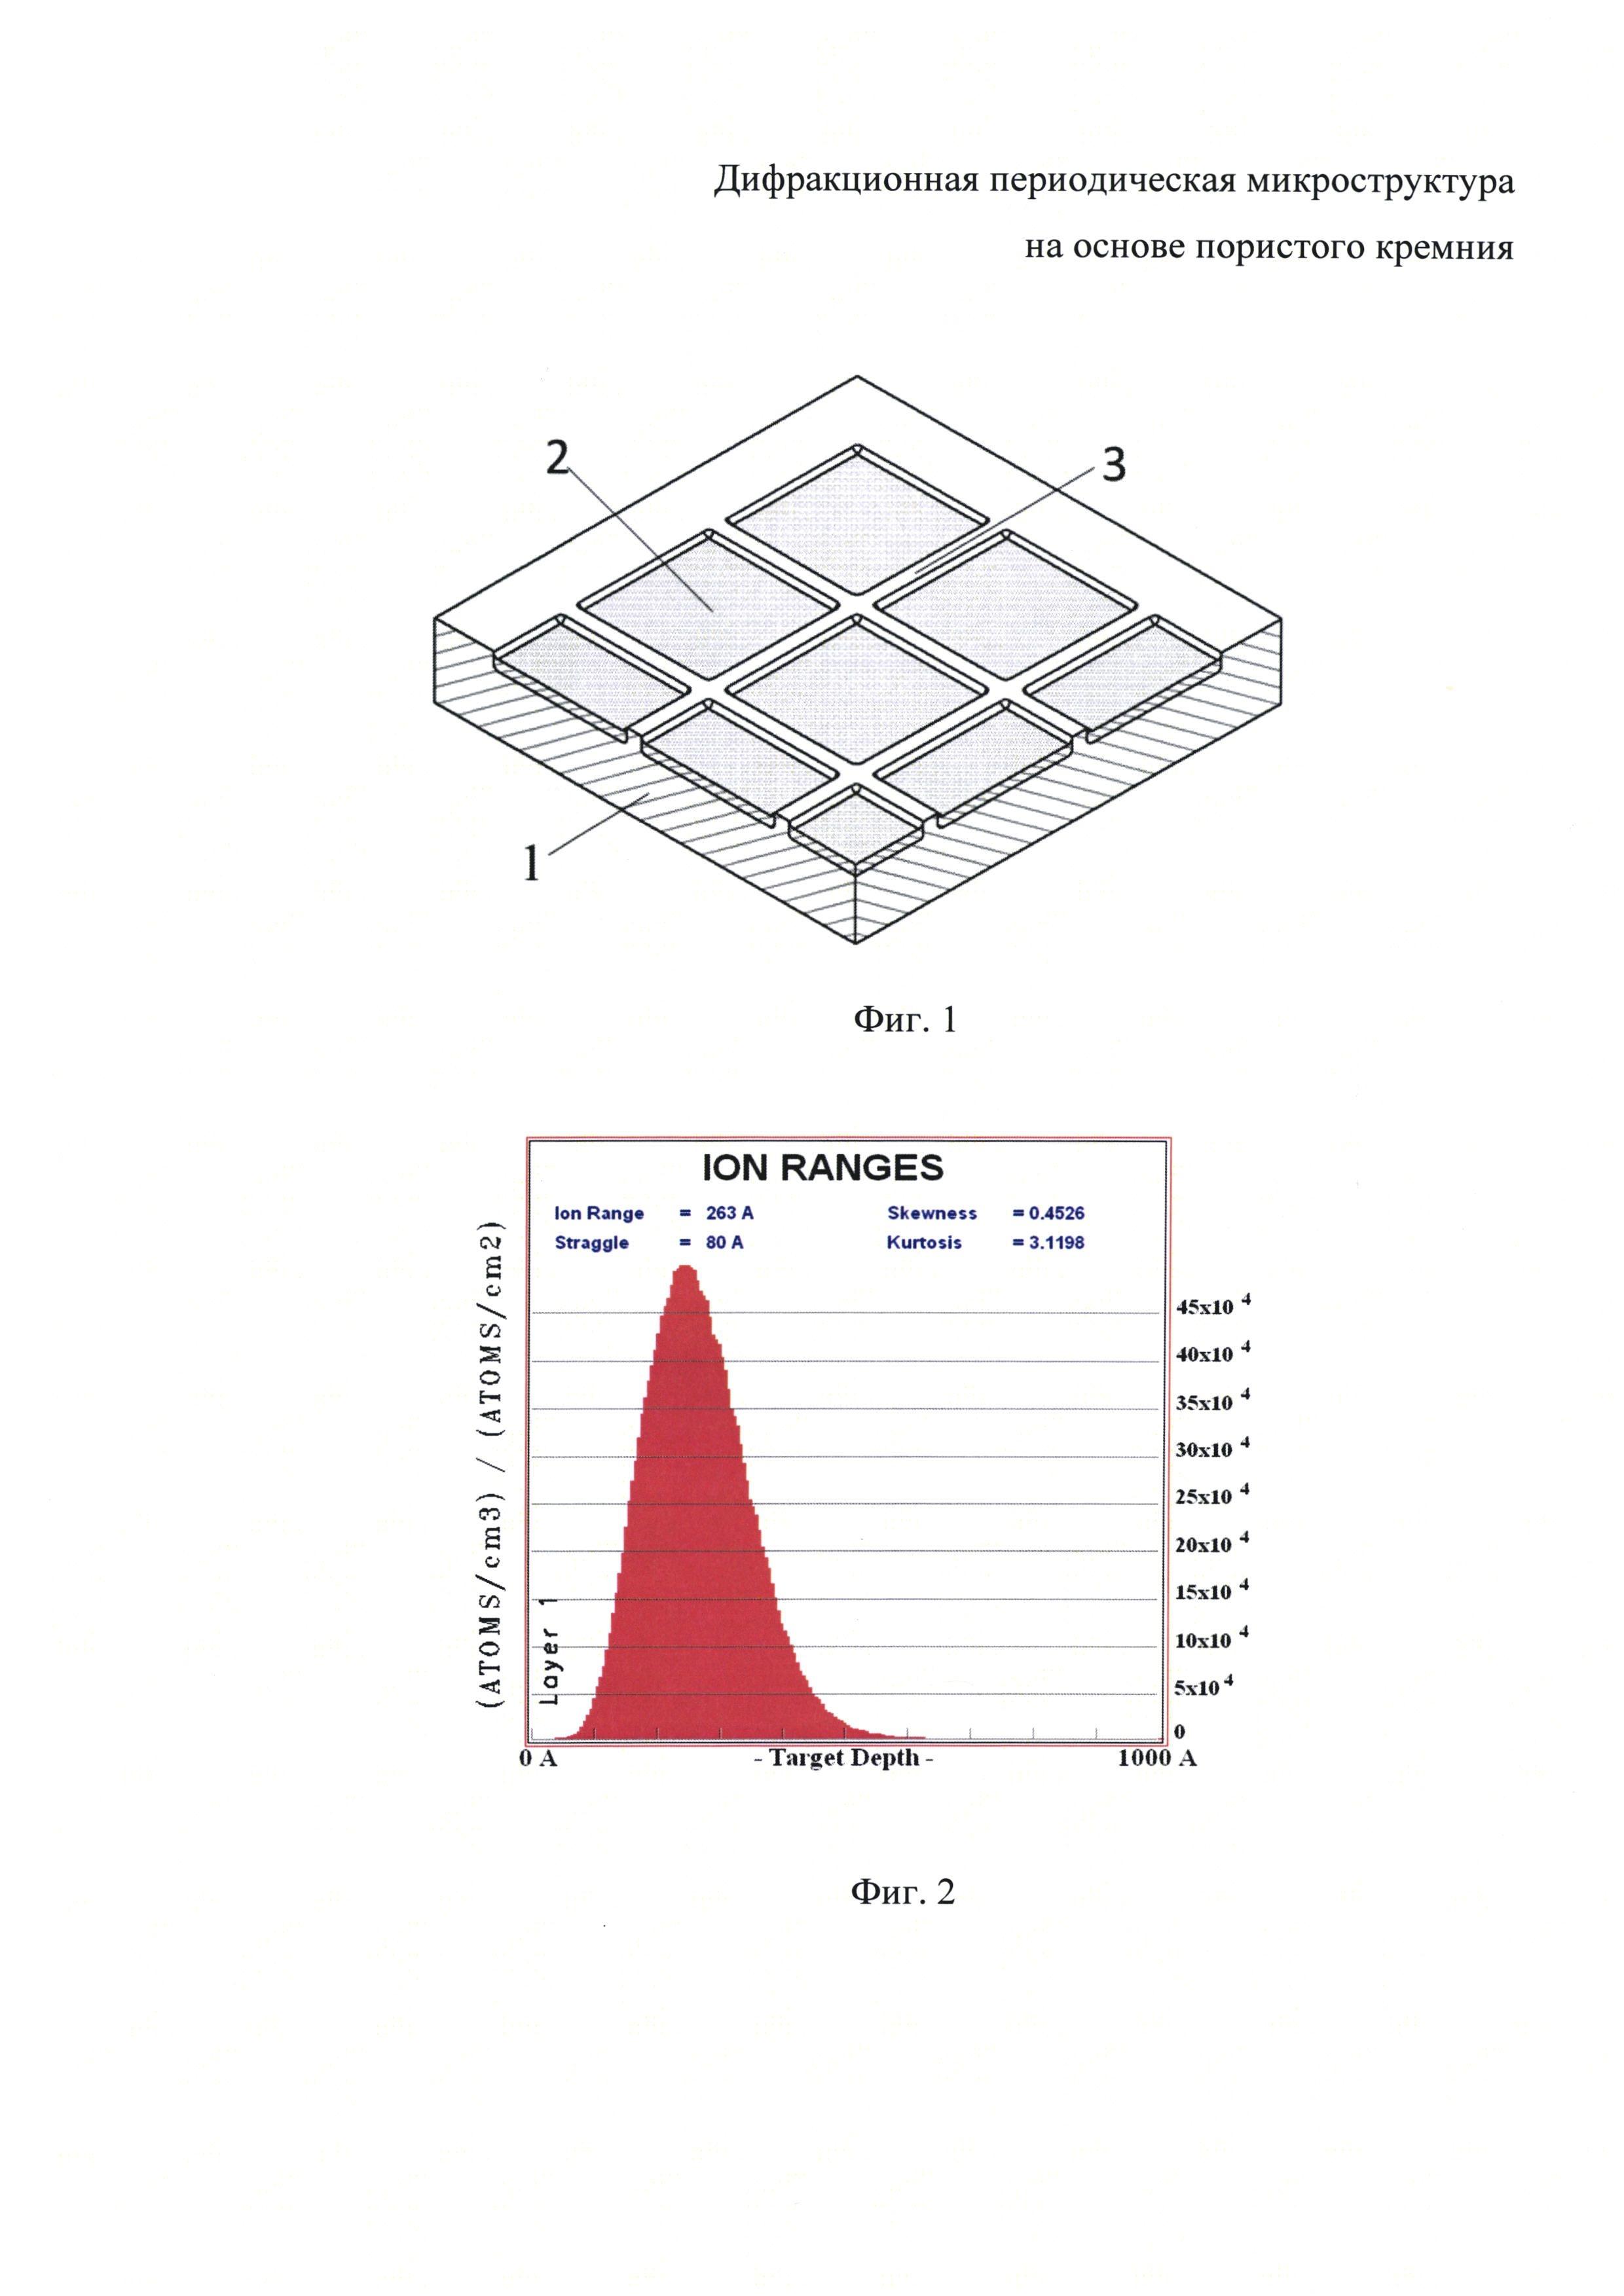 Дифракционная периодическая микроструктура на основе пористого кремния